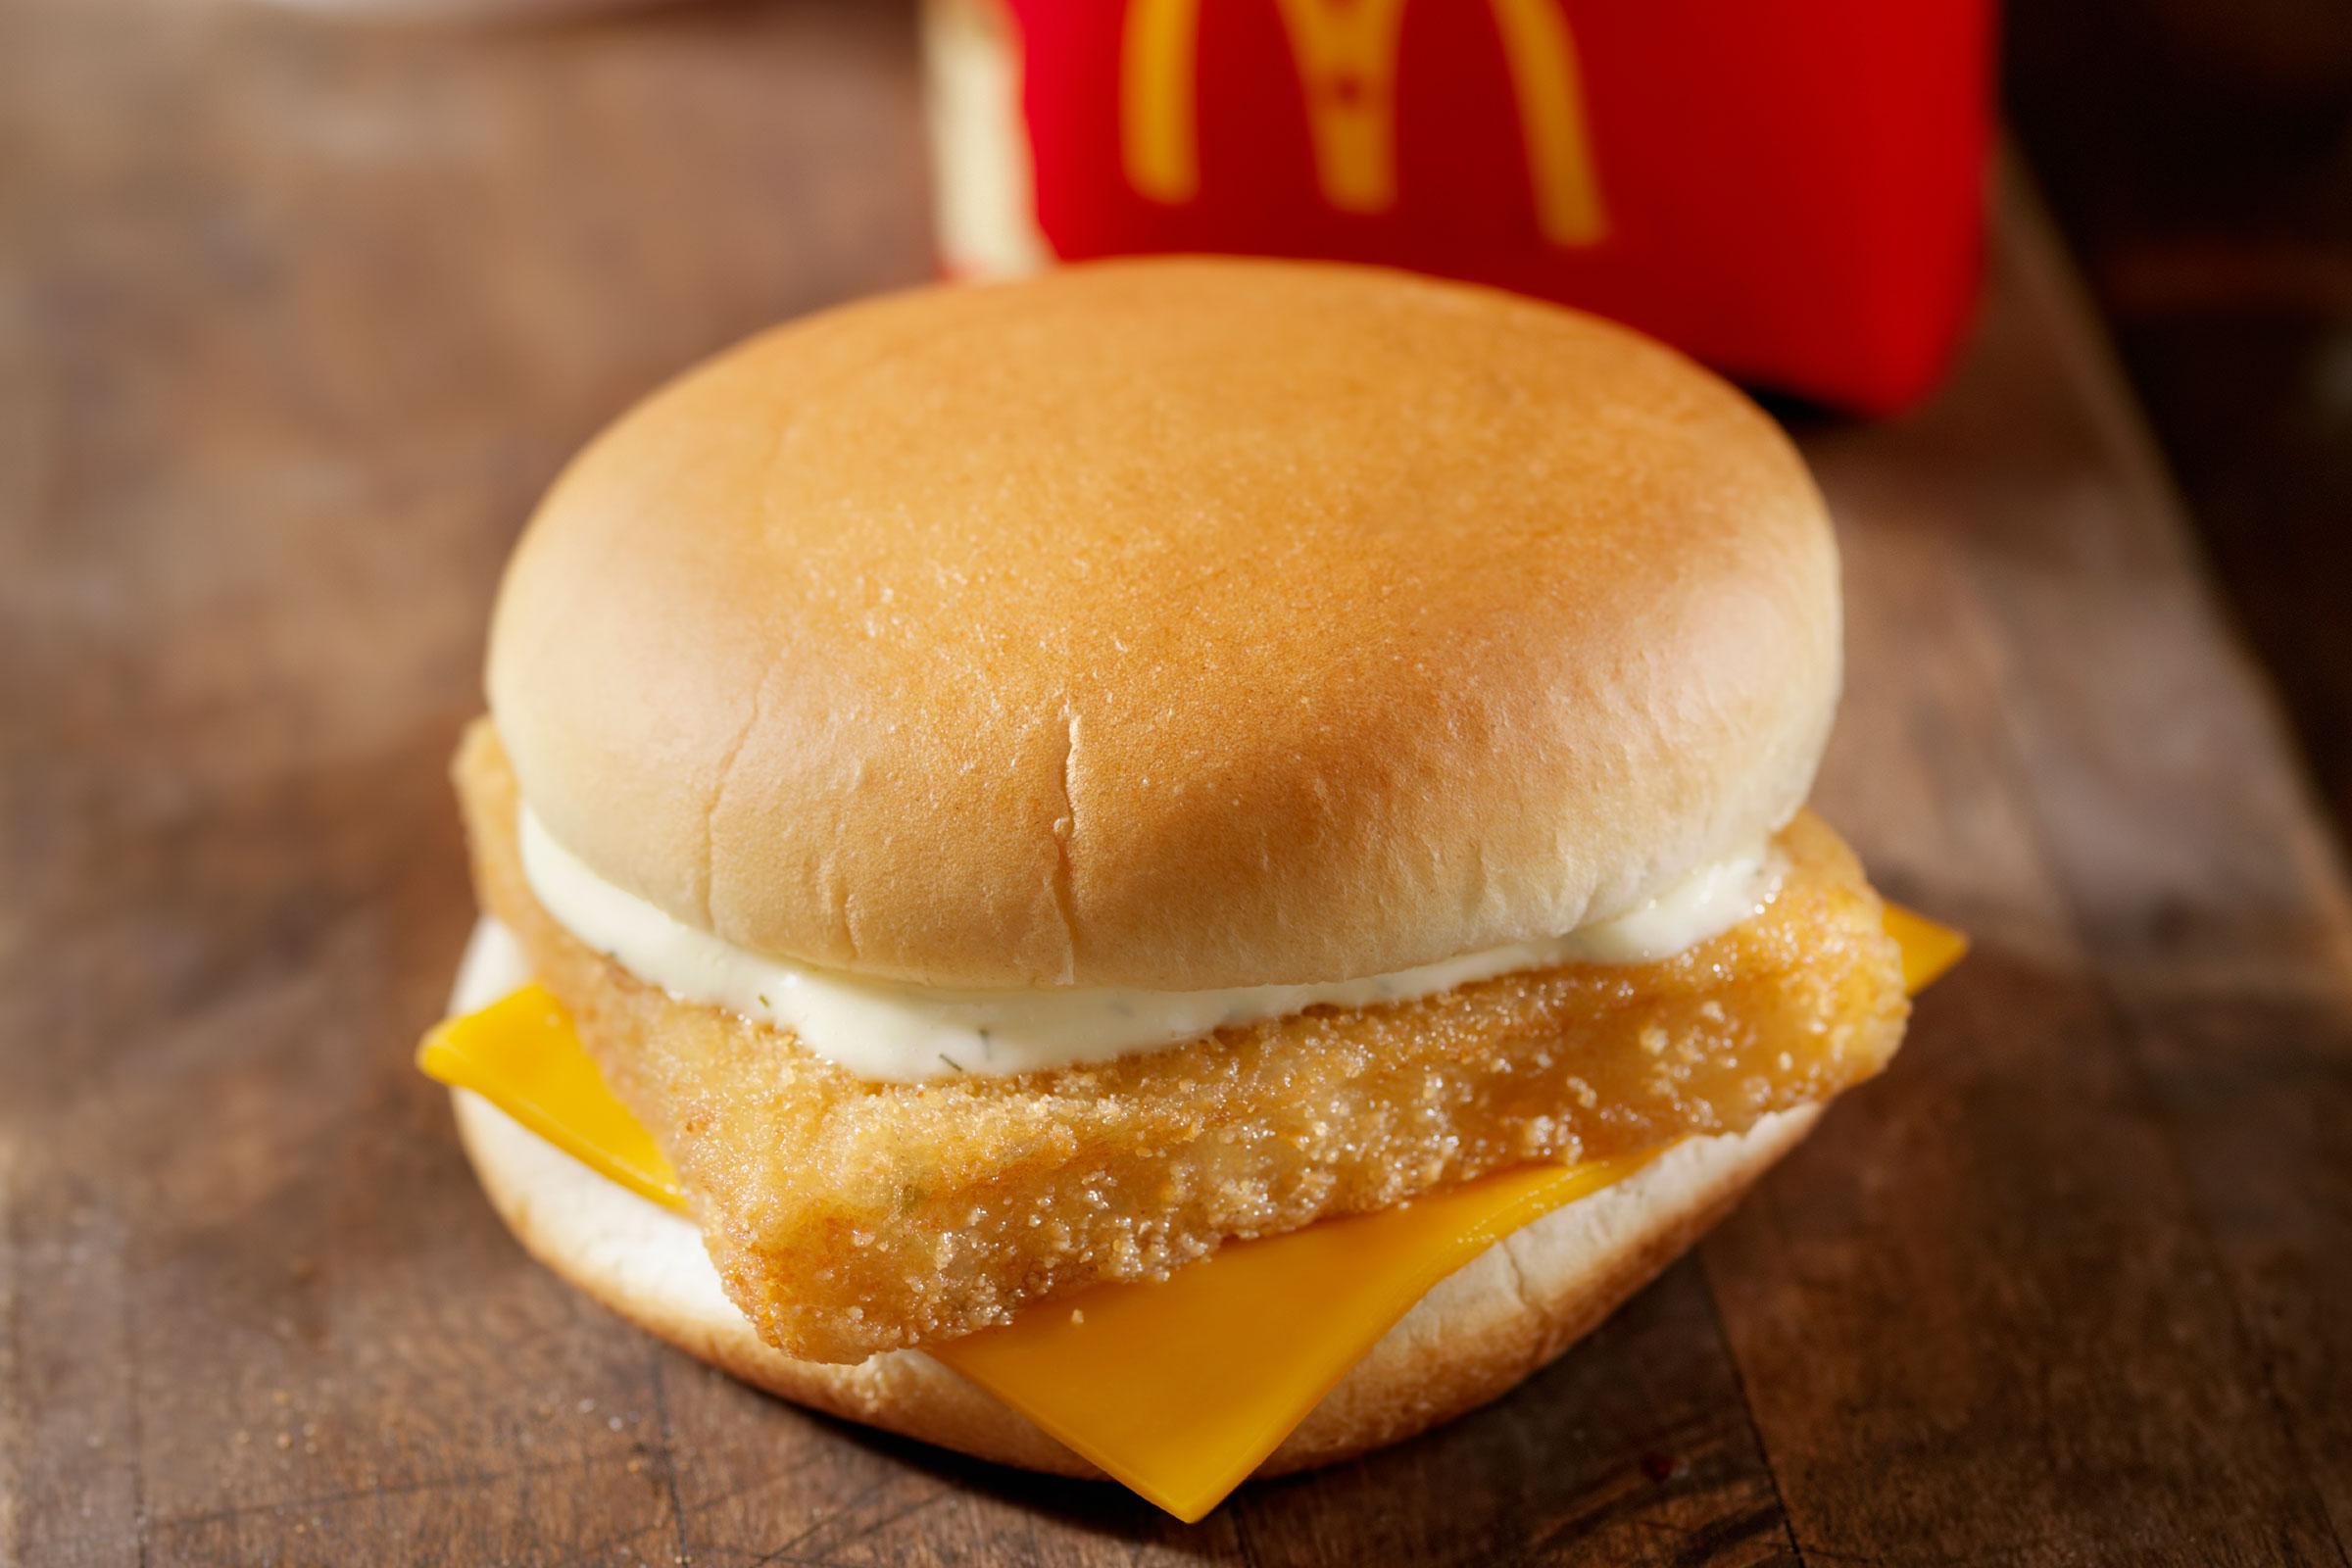 McDonald's-Belle Glade Information